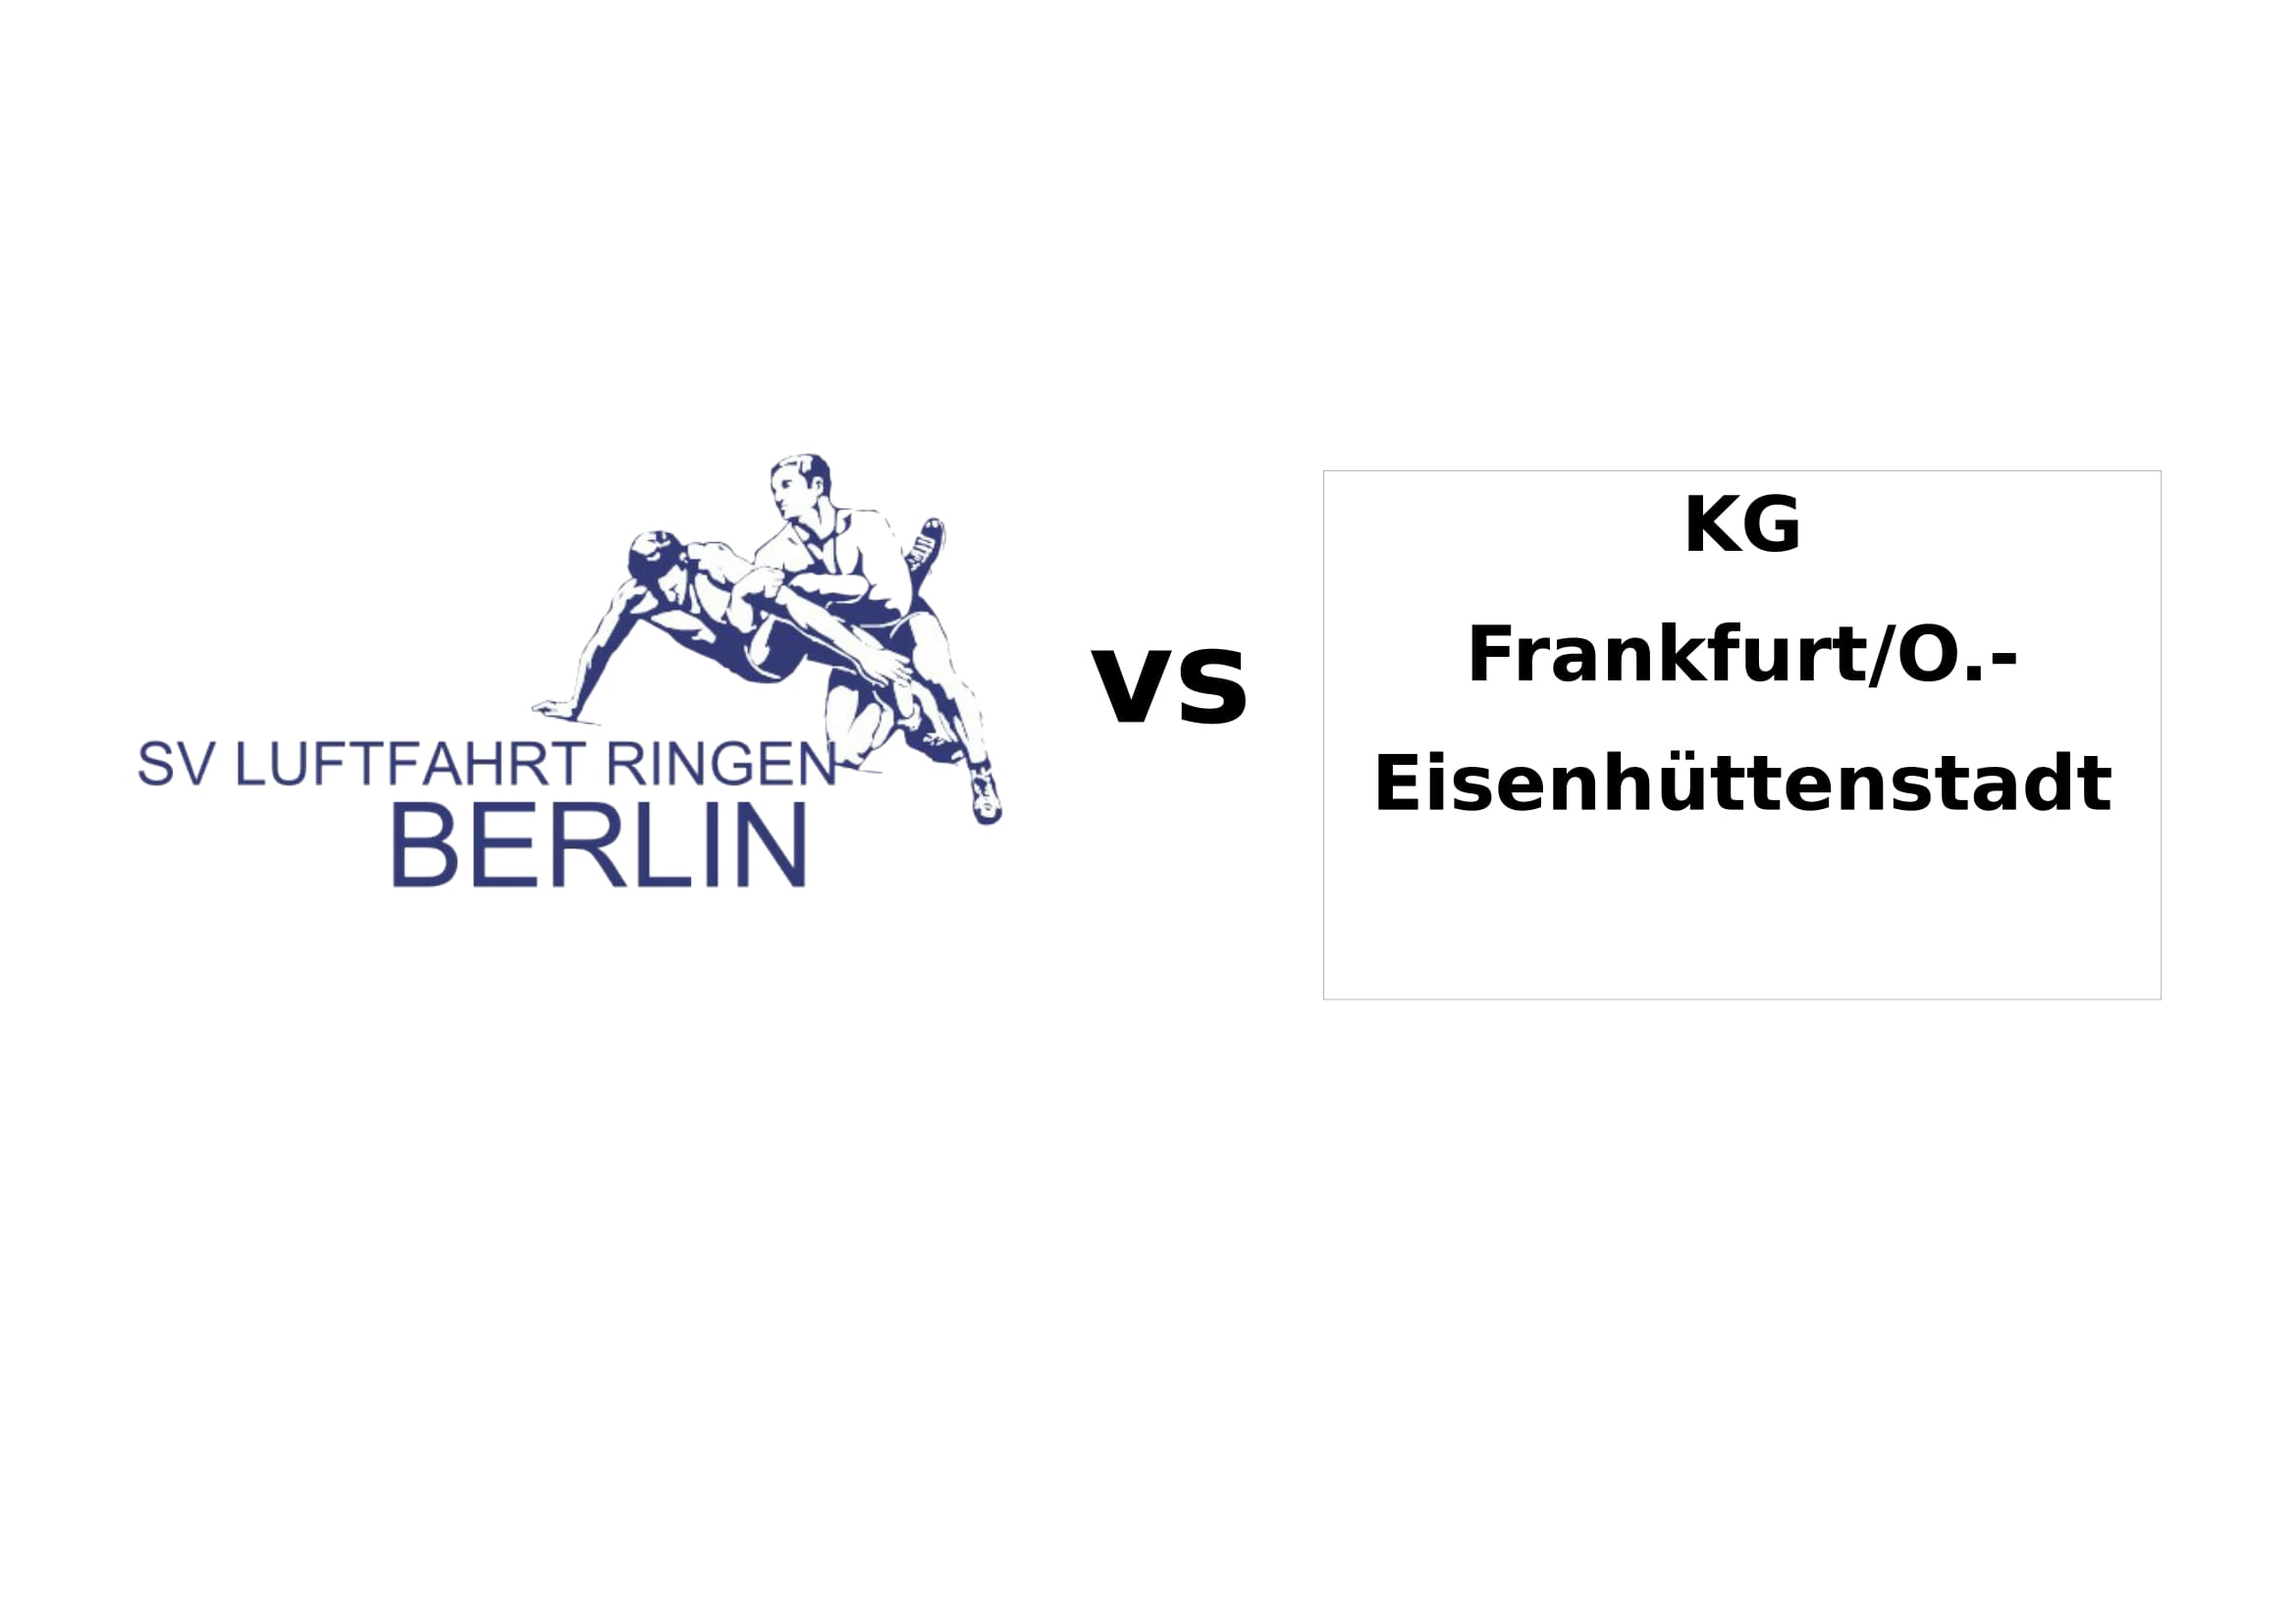 RL-Heimkampf SVL vs. KG FfO/Eisenhüttenstadt